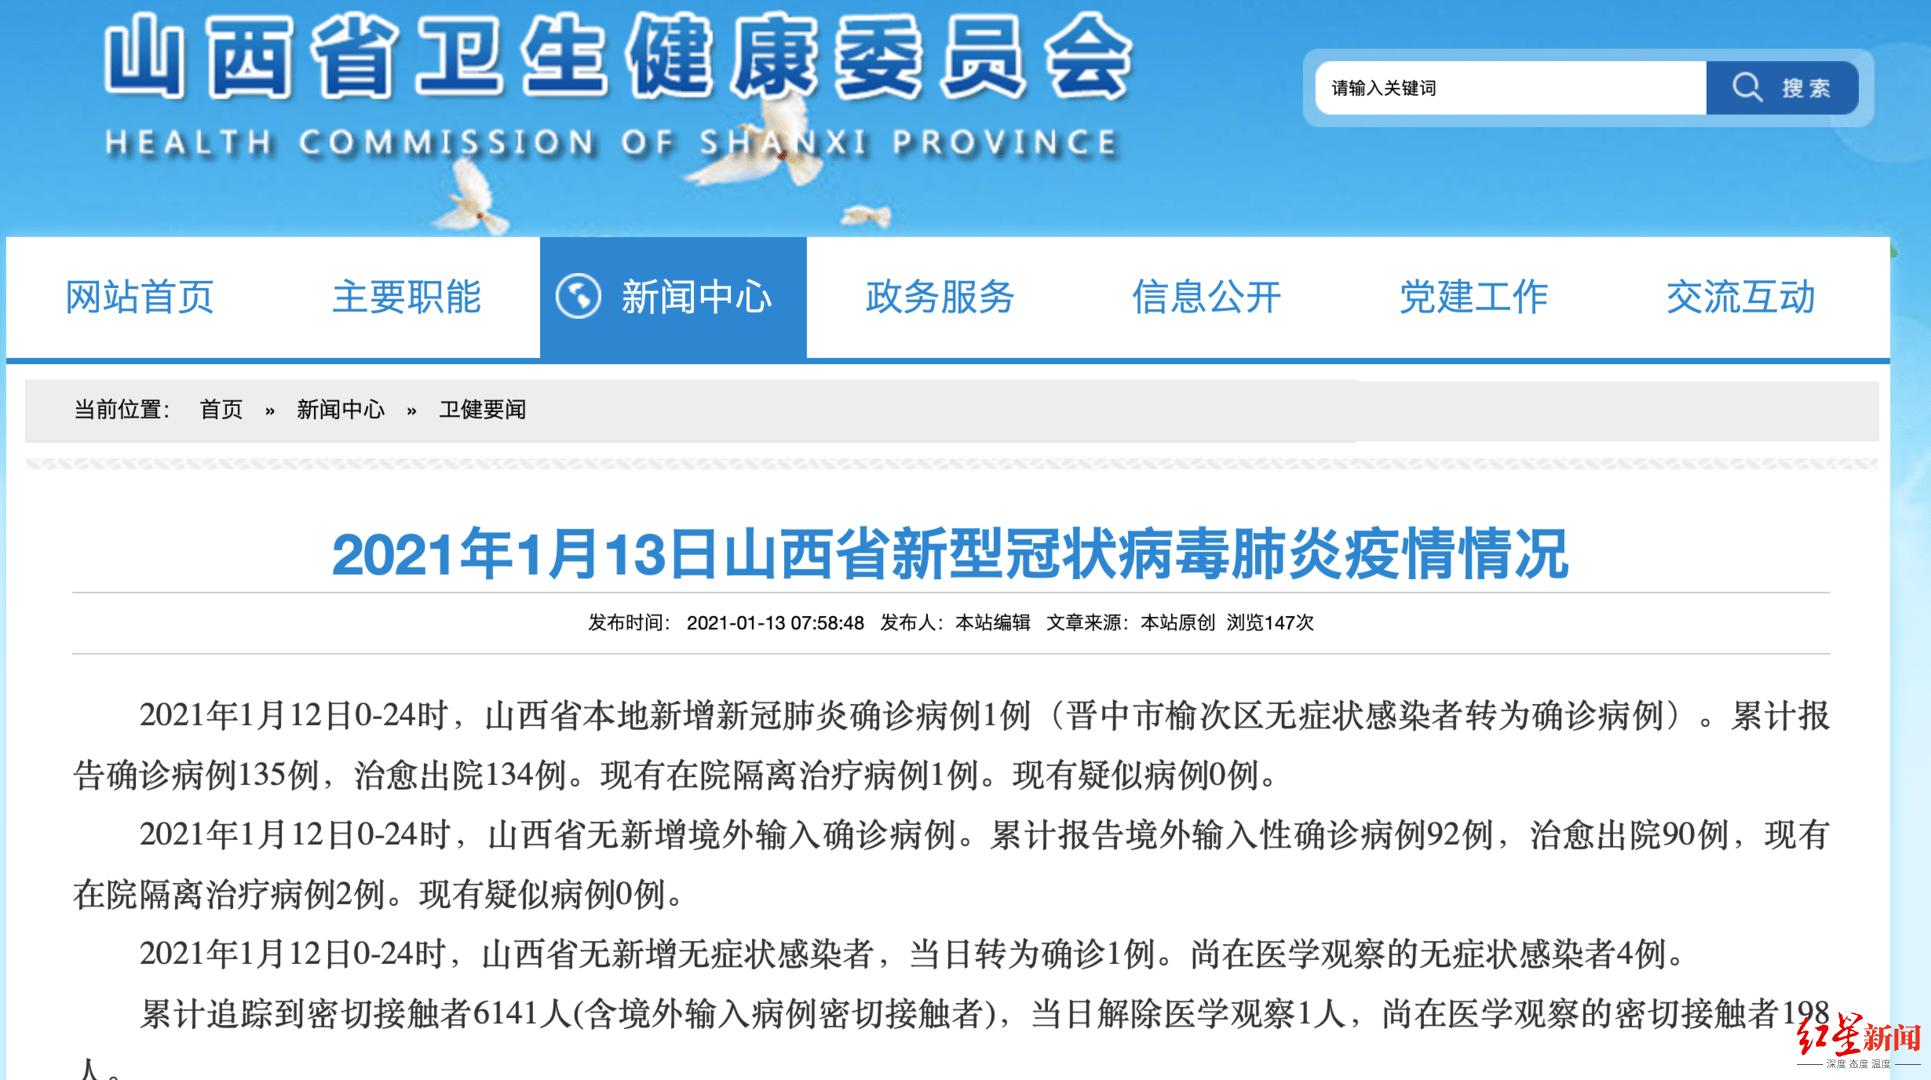 山西新增1例本地确诊,为晋中市榆次区无症状感染者转确诊